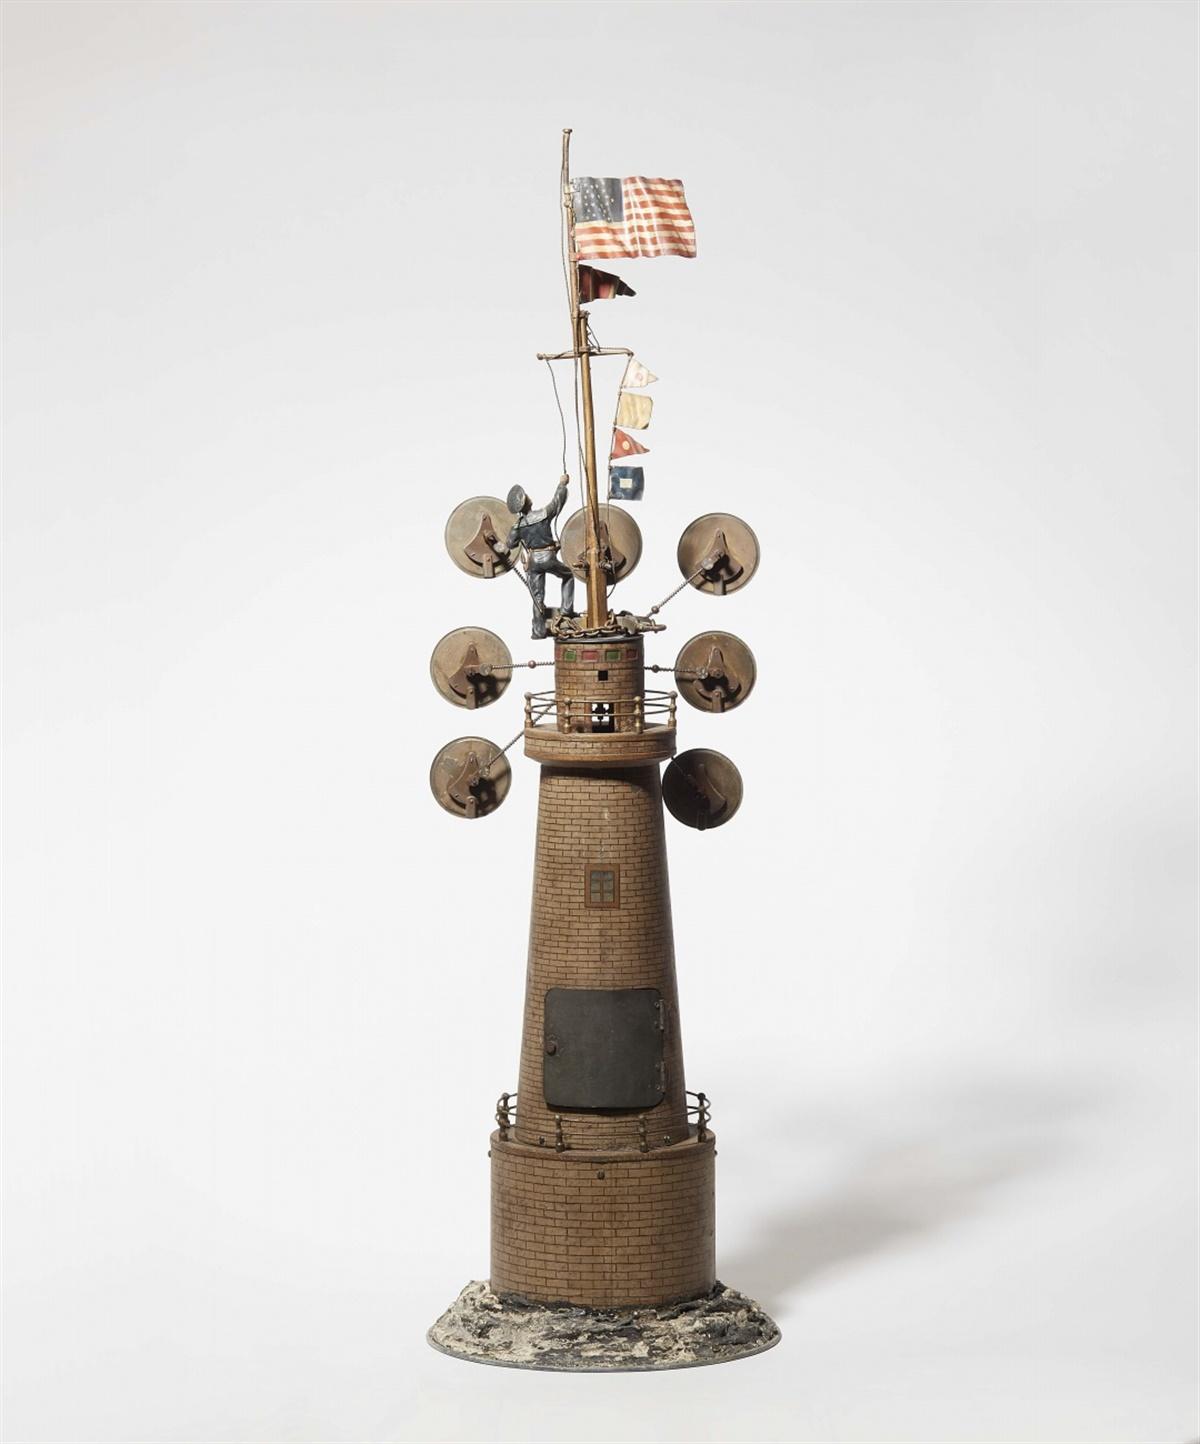 Los 1 - Leuchtturm mit WeltzeituhrKupfer- und Eisenblech, lackiert. Skelettiertes Messing-Pendelwerk mit